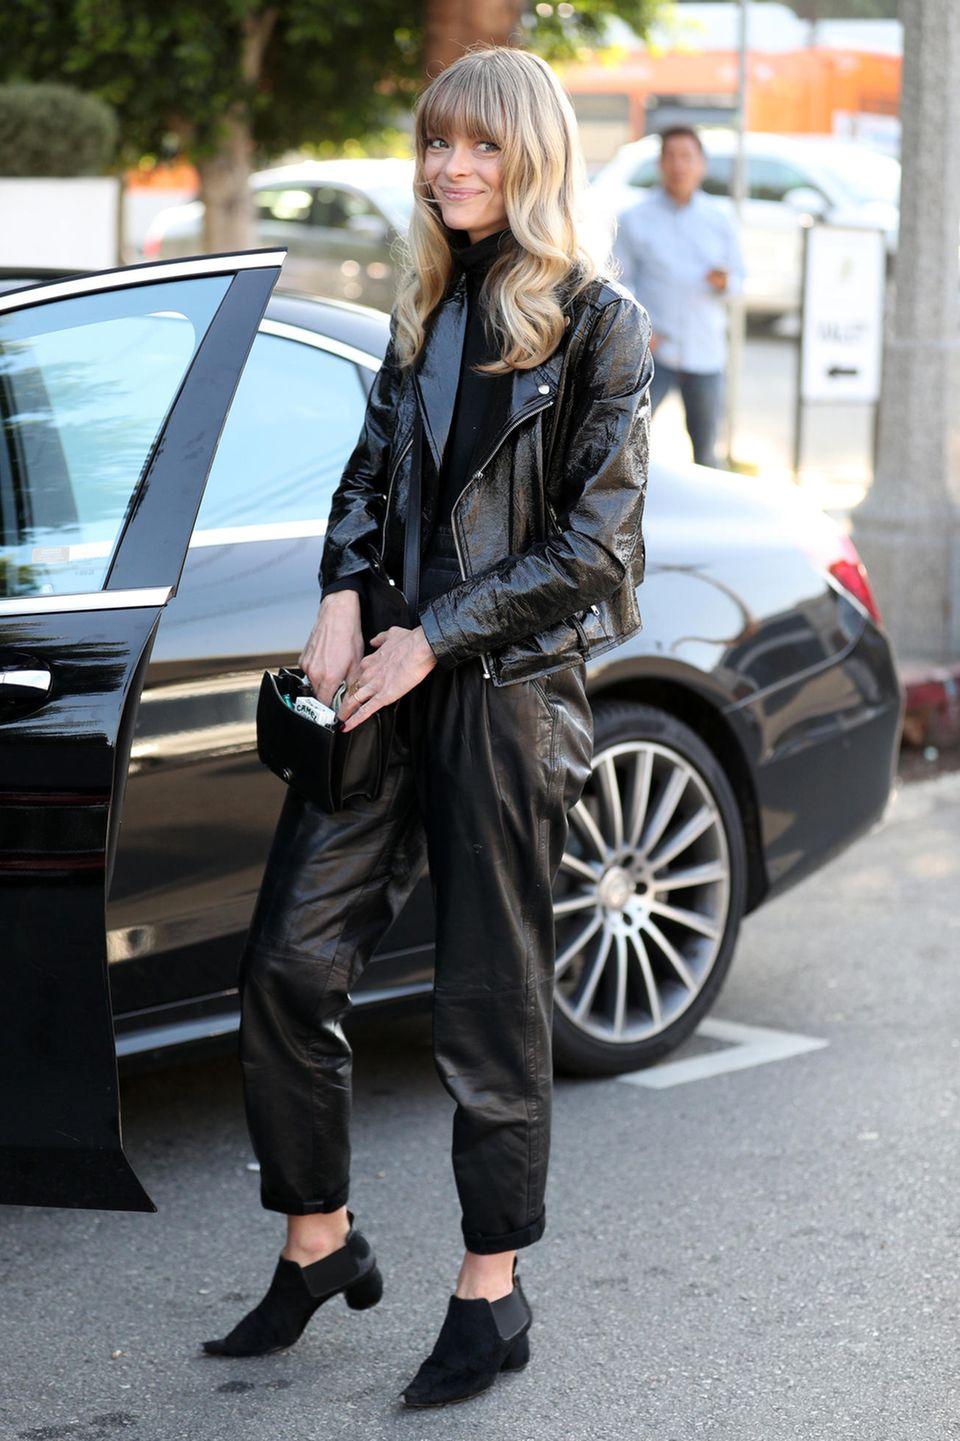 Ähnlich lässig im schwarzen Lack- und Leder-Outfit zeigt sich Jaime King in bei einem Lunch in Hollywood.